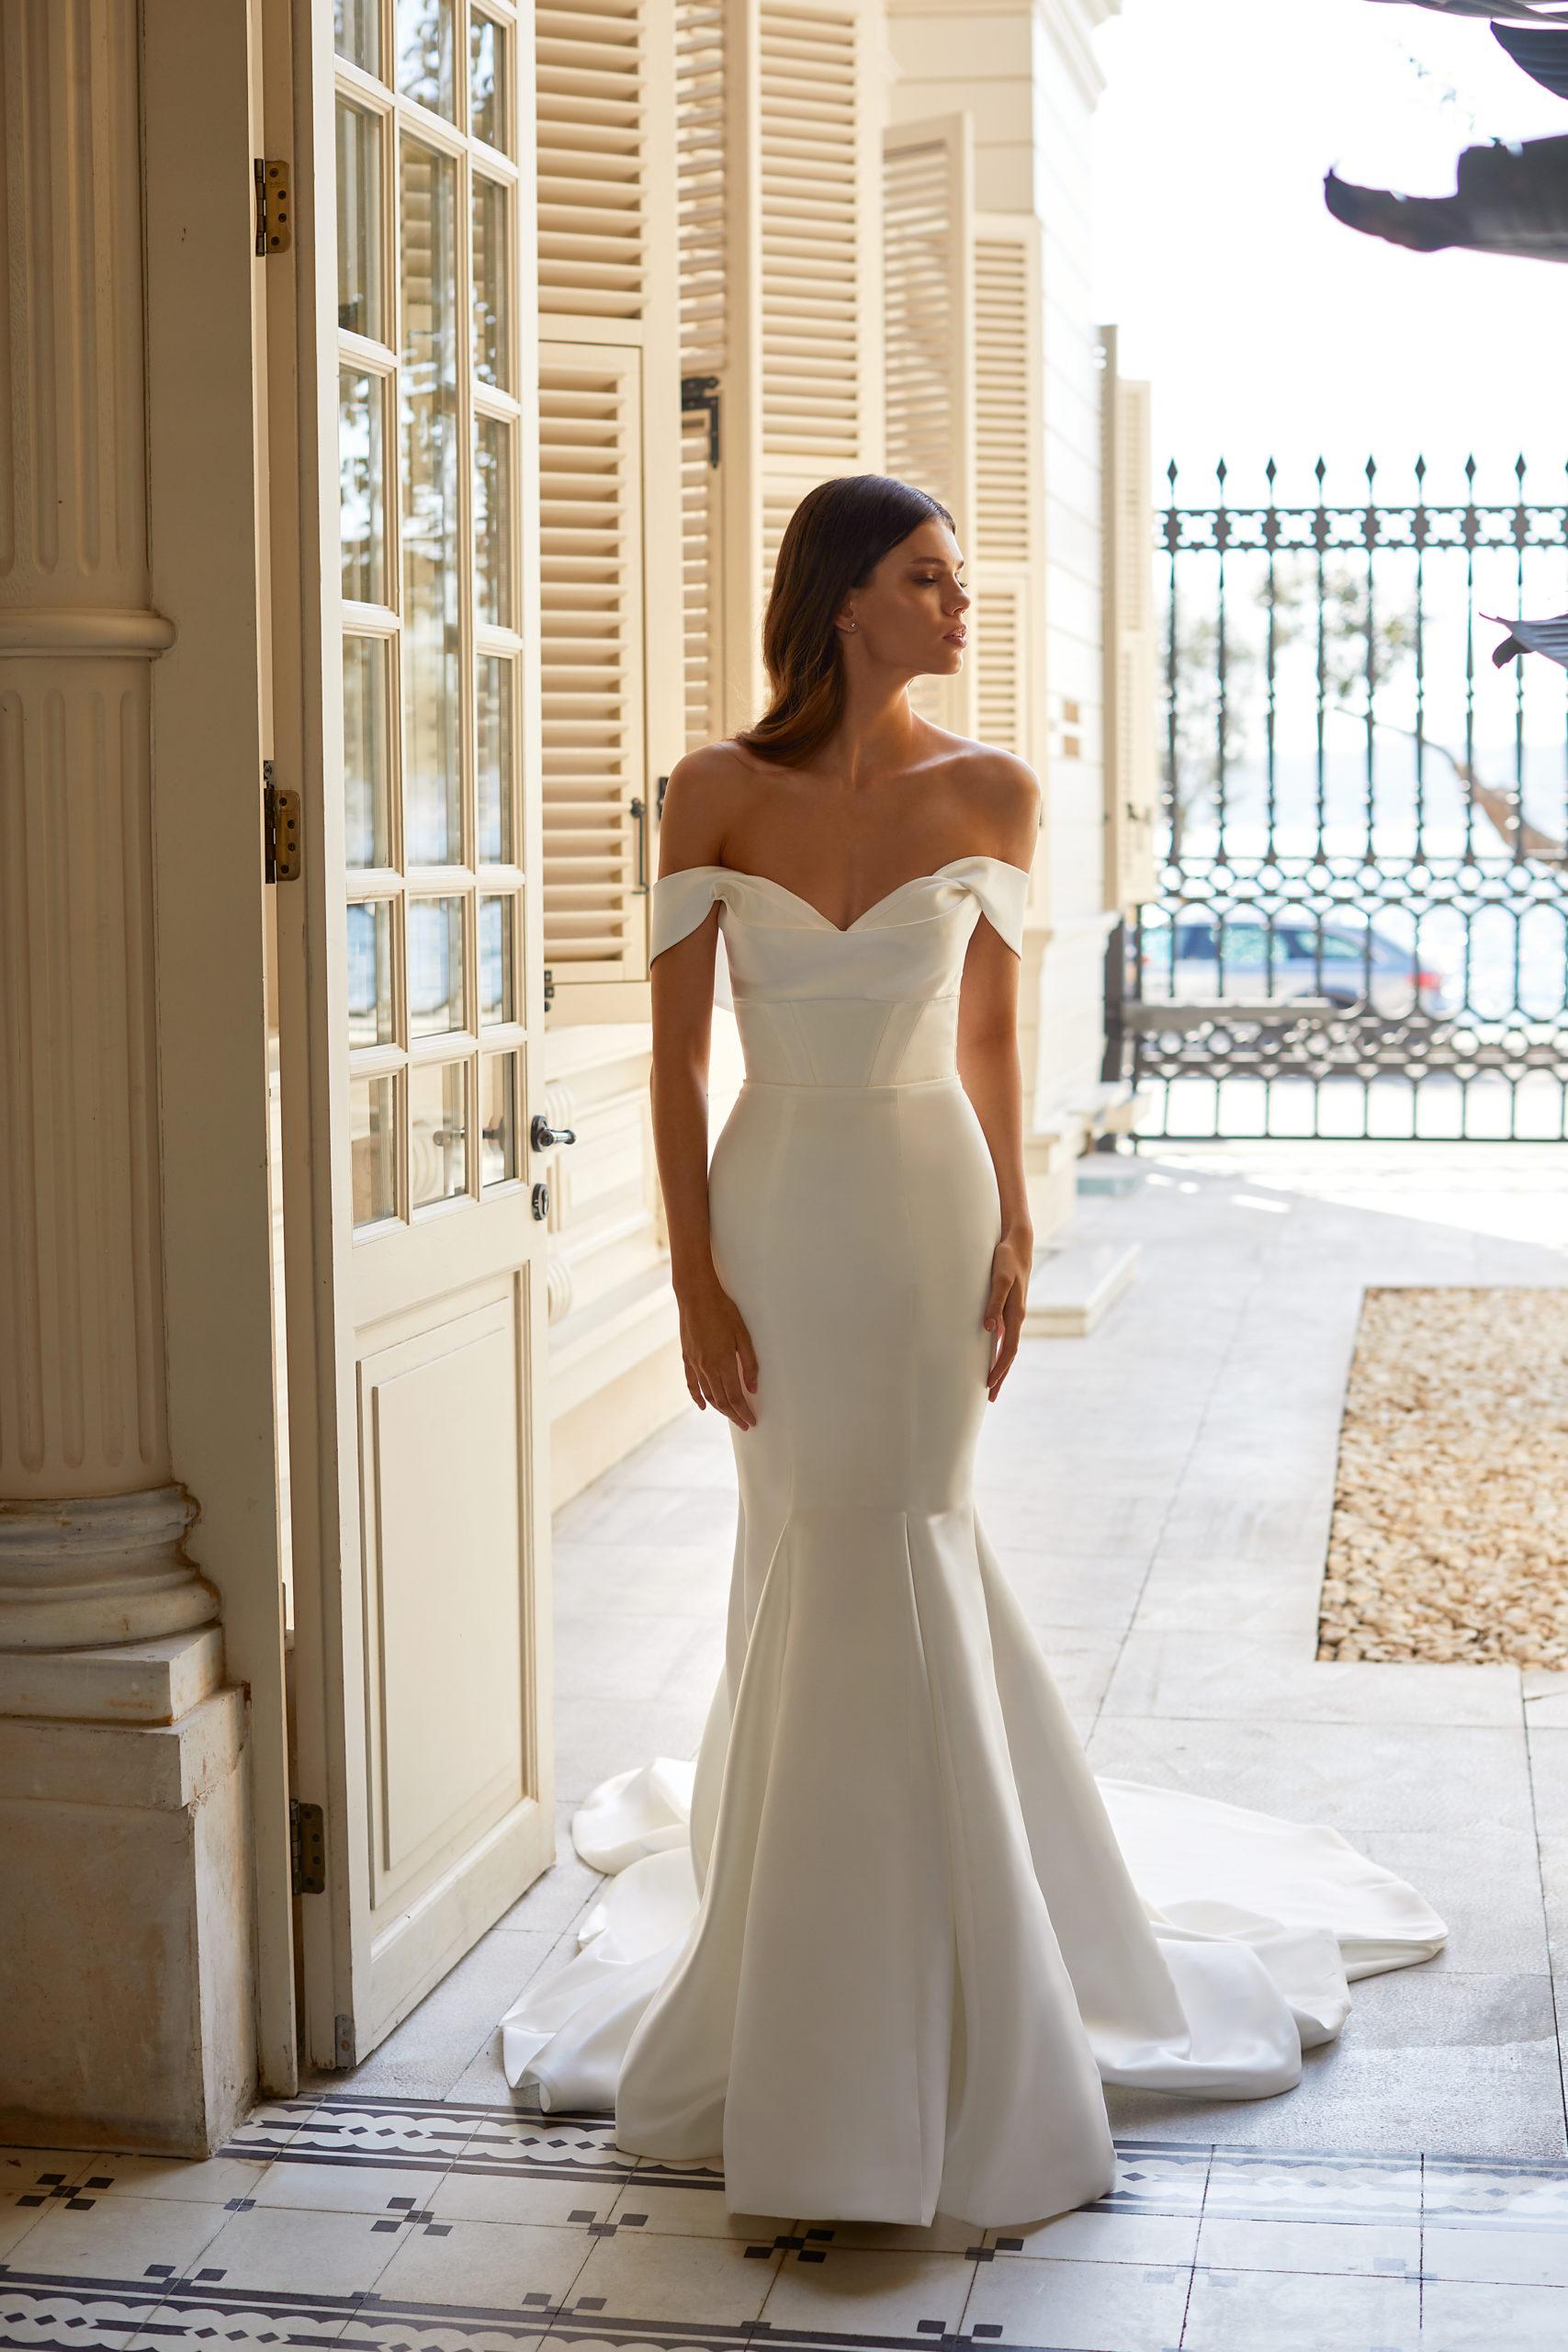 Sublimes robes de mariée à Genève sirène mikado satin tulle bustier simple classique moderne sophistiqué blanc élégante